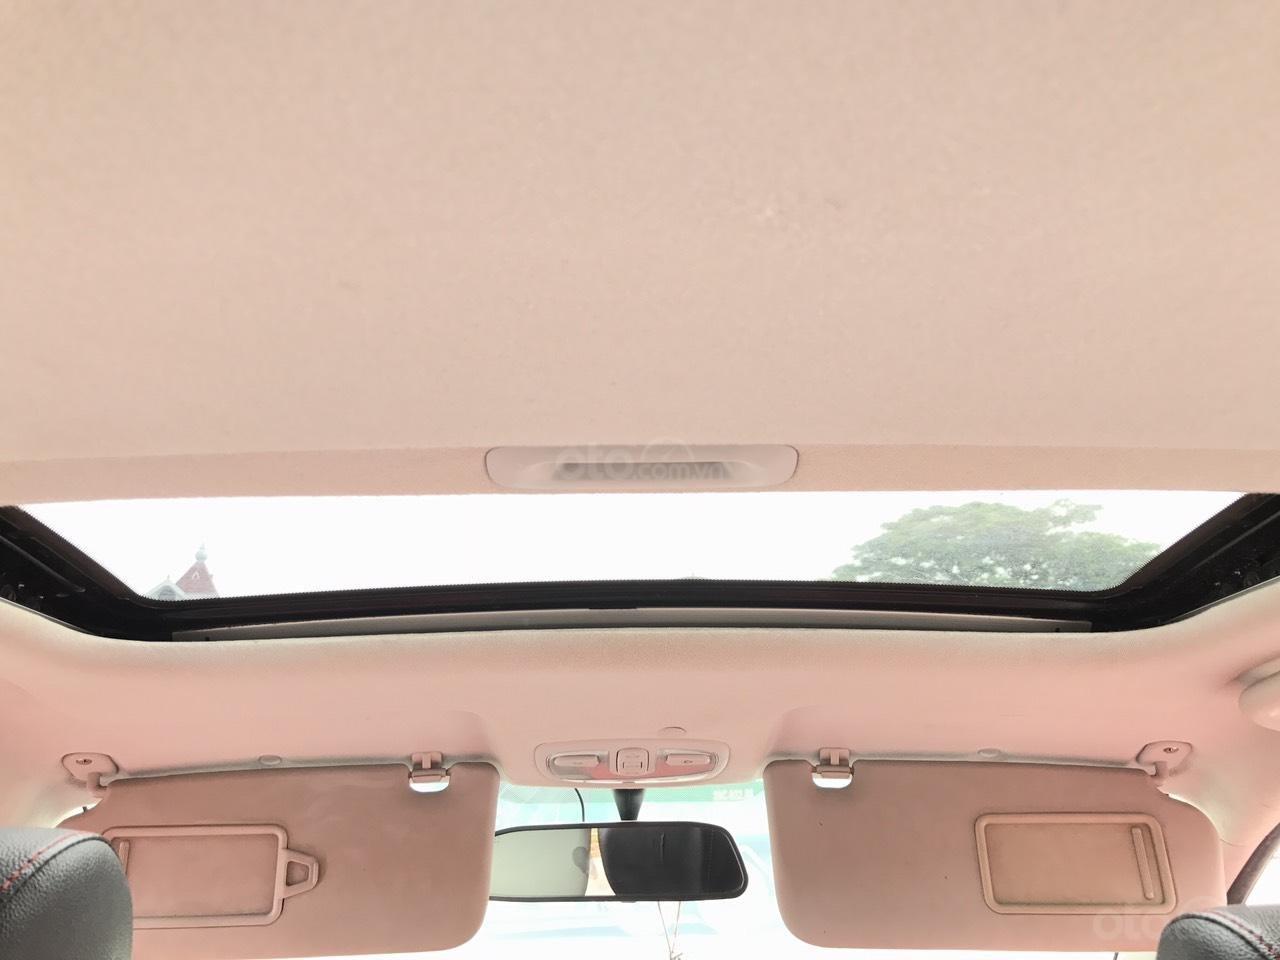 Bán Hyundai i20 1.4 AT đời 2011, màu đỏ, xe nhập, bản full, xe xuất sắc luôn (21)